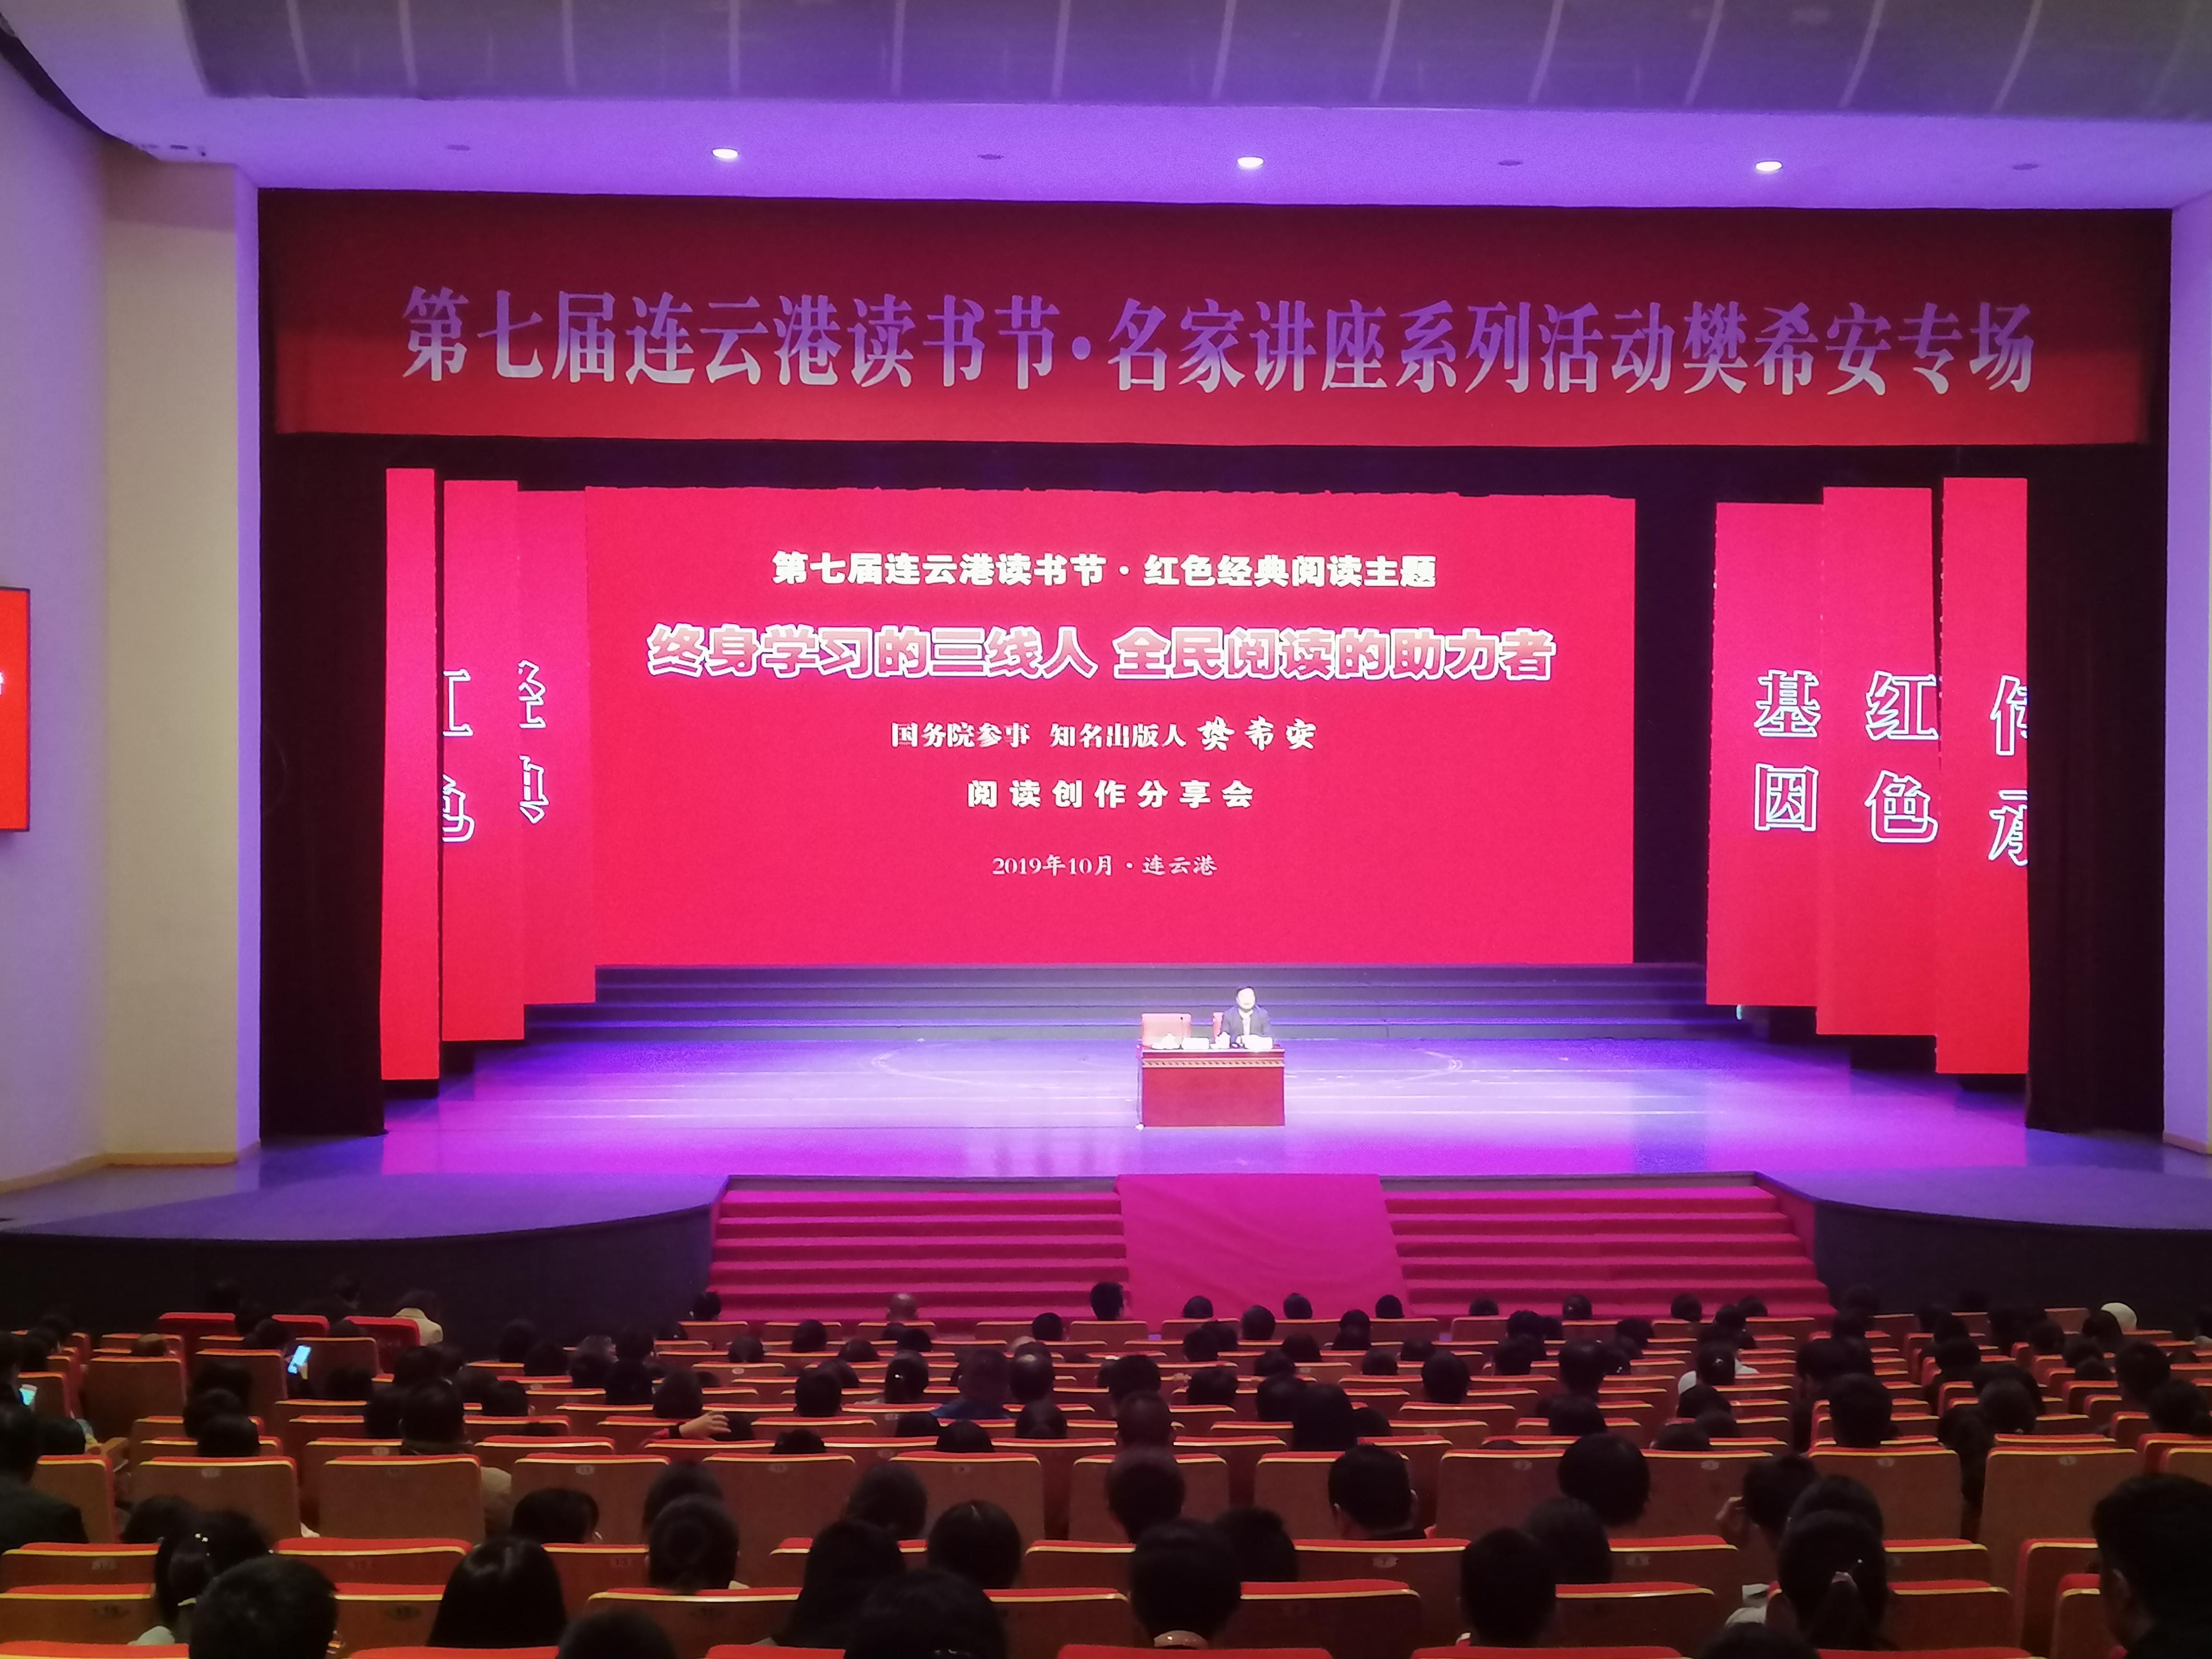 连云港市红色经典主题阅读暨樊希安阅读创作分享会在文化艺术中心举行